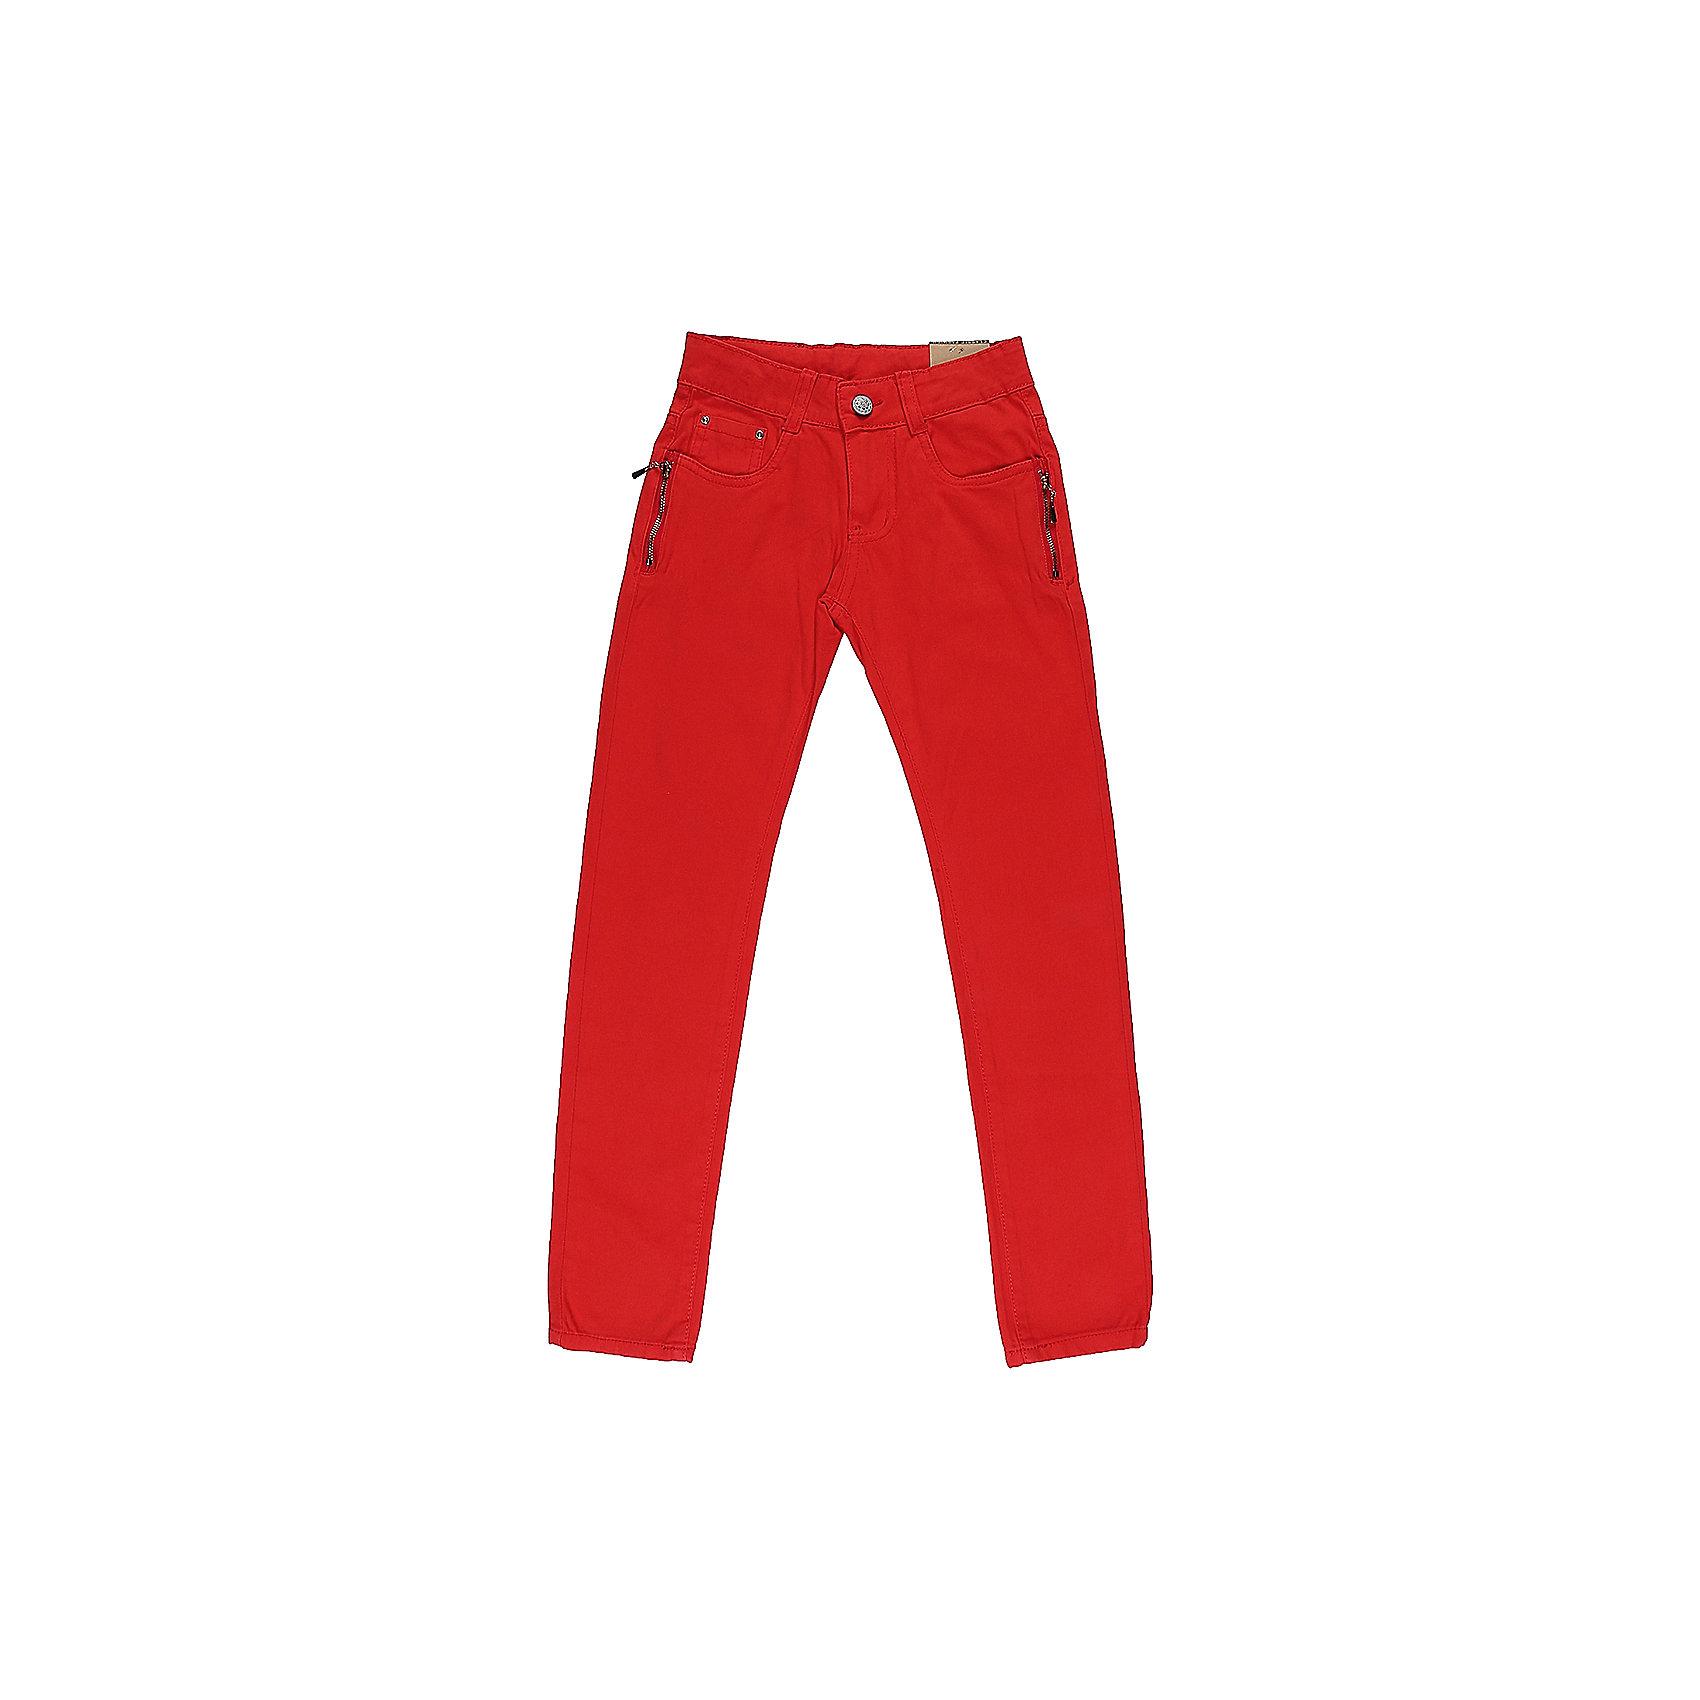 Брюки для девочки LuminosoЯркие джинсовые брюки для девочки Декорированые двумя молниями по бокам карманов. Зауженный крой. Застегиваются на молнию и пуговицу. Шлевки на поясе рассчитаны под ремень. В боковой части пояса находятся вшитые эластичные ленты, регулирующие посадку по талии.<br>Состав:<br>98%хлопок 2%эластан<br><br>Ширина мм: 215<br>Глубина мм: 88<br>Высота мм: 191<br>Вес г: 336<br>Цвет: красный<br>Возраст от месяцев: 96<br>Возраст до месяцев: 108<br>Пол: Женский<br>Возраст: Детский<br>Размер: 134,152,140,146,158,164<br>SKU: 5413333